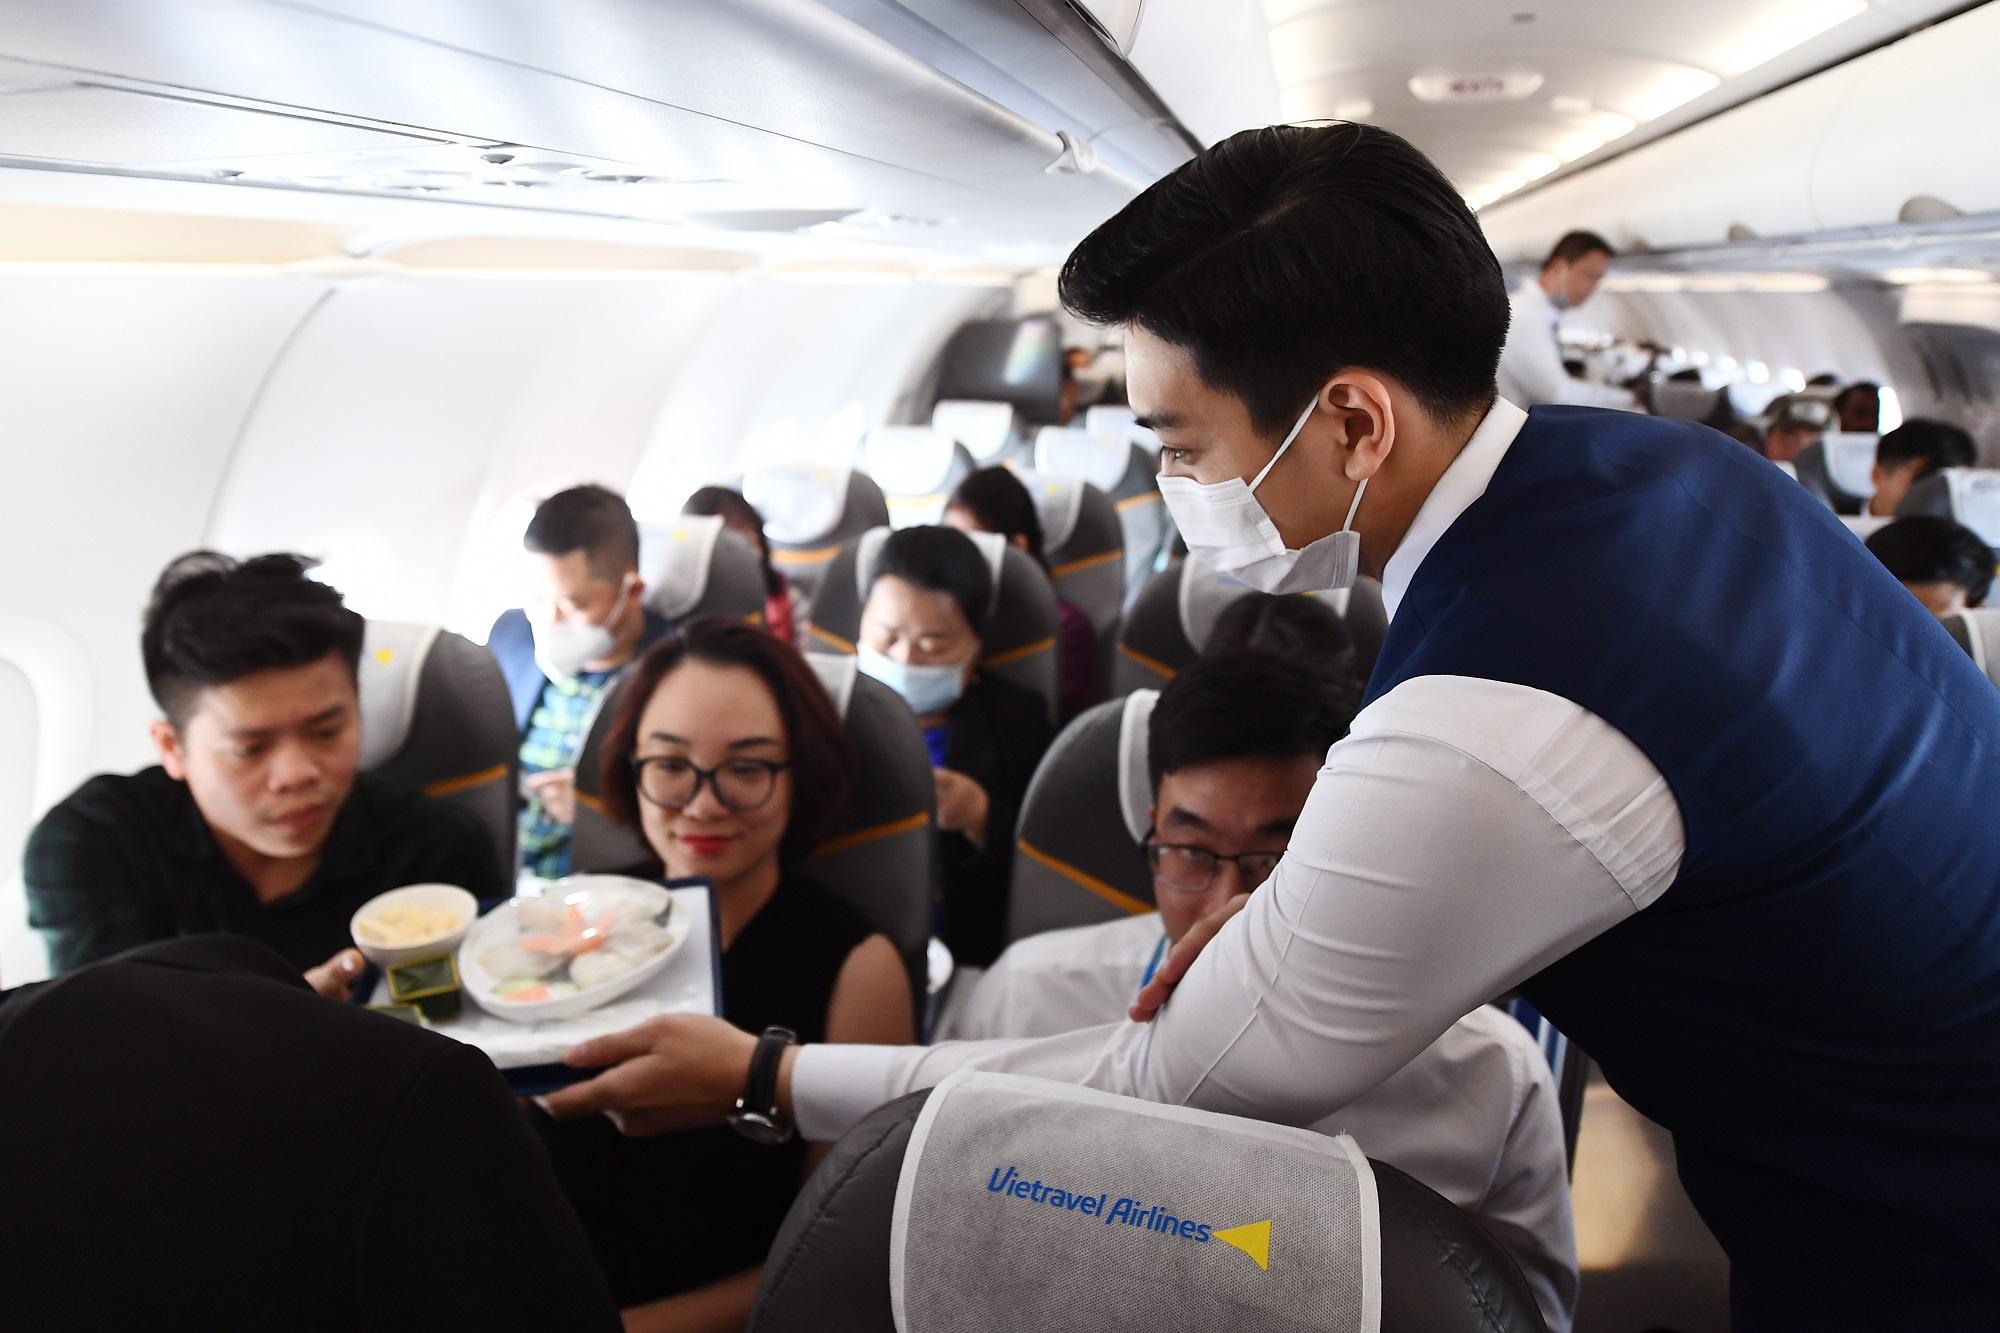 Là hãng hàng không lữ hành đầu tiên của Việt Nam, Vietravel Airlines cam kết đem đến trải nghiệm tuyệt vời cho du khách bằng sự phục vụ chuyên nghiệp và tận tâm.